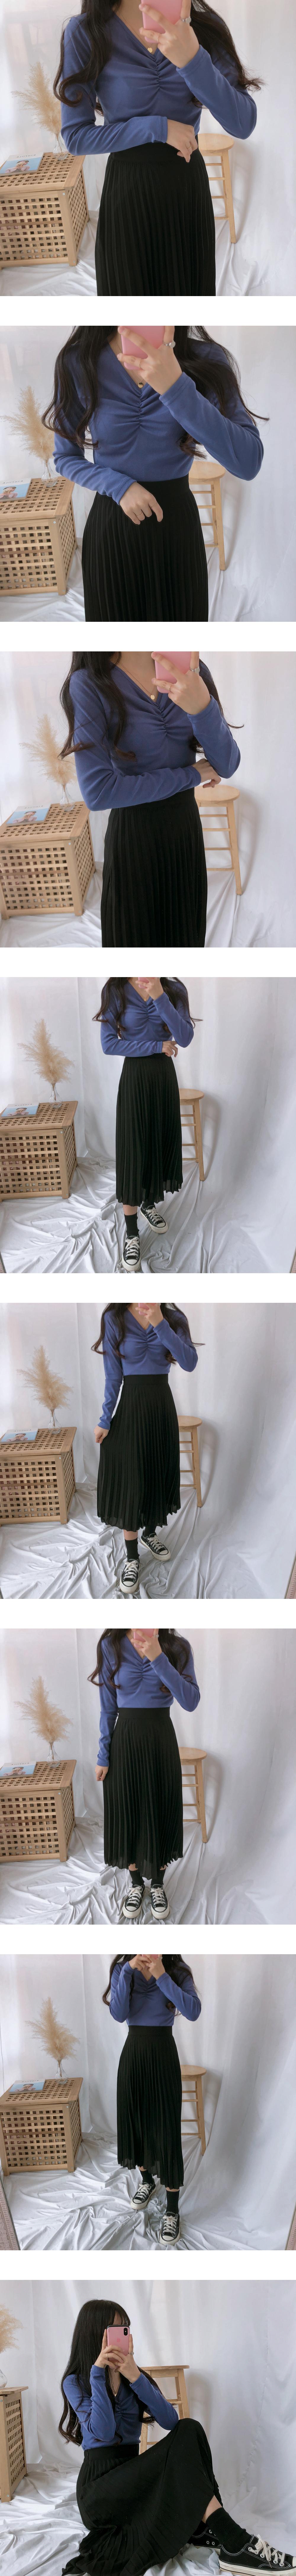 M chiffon pleated long skirt